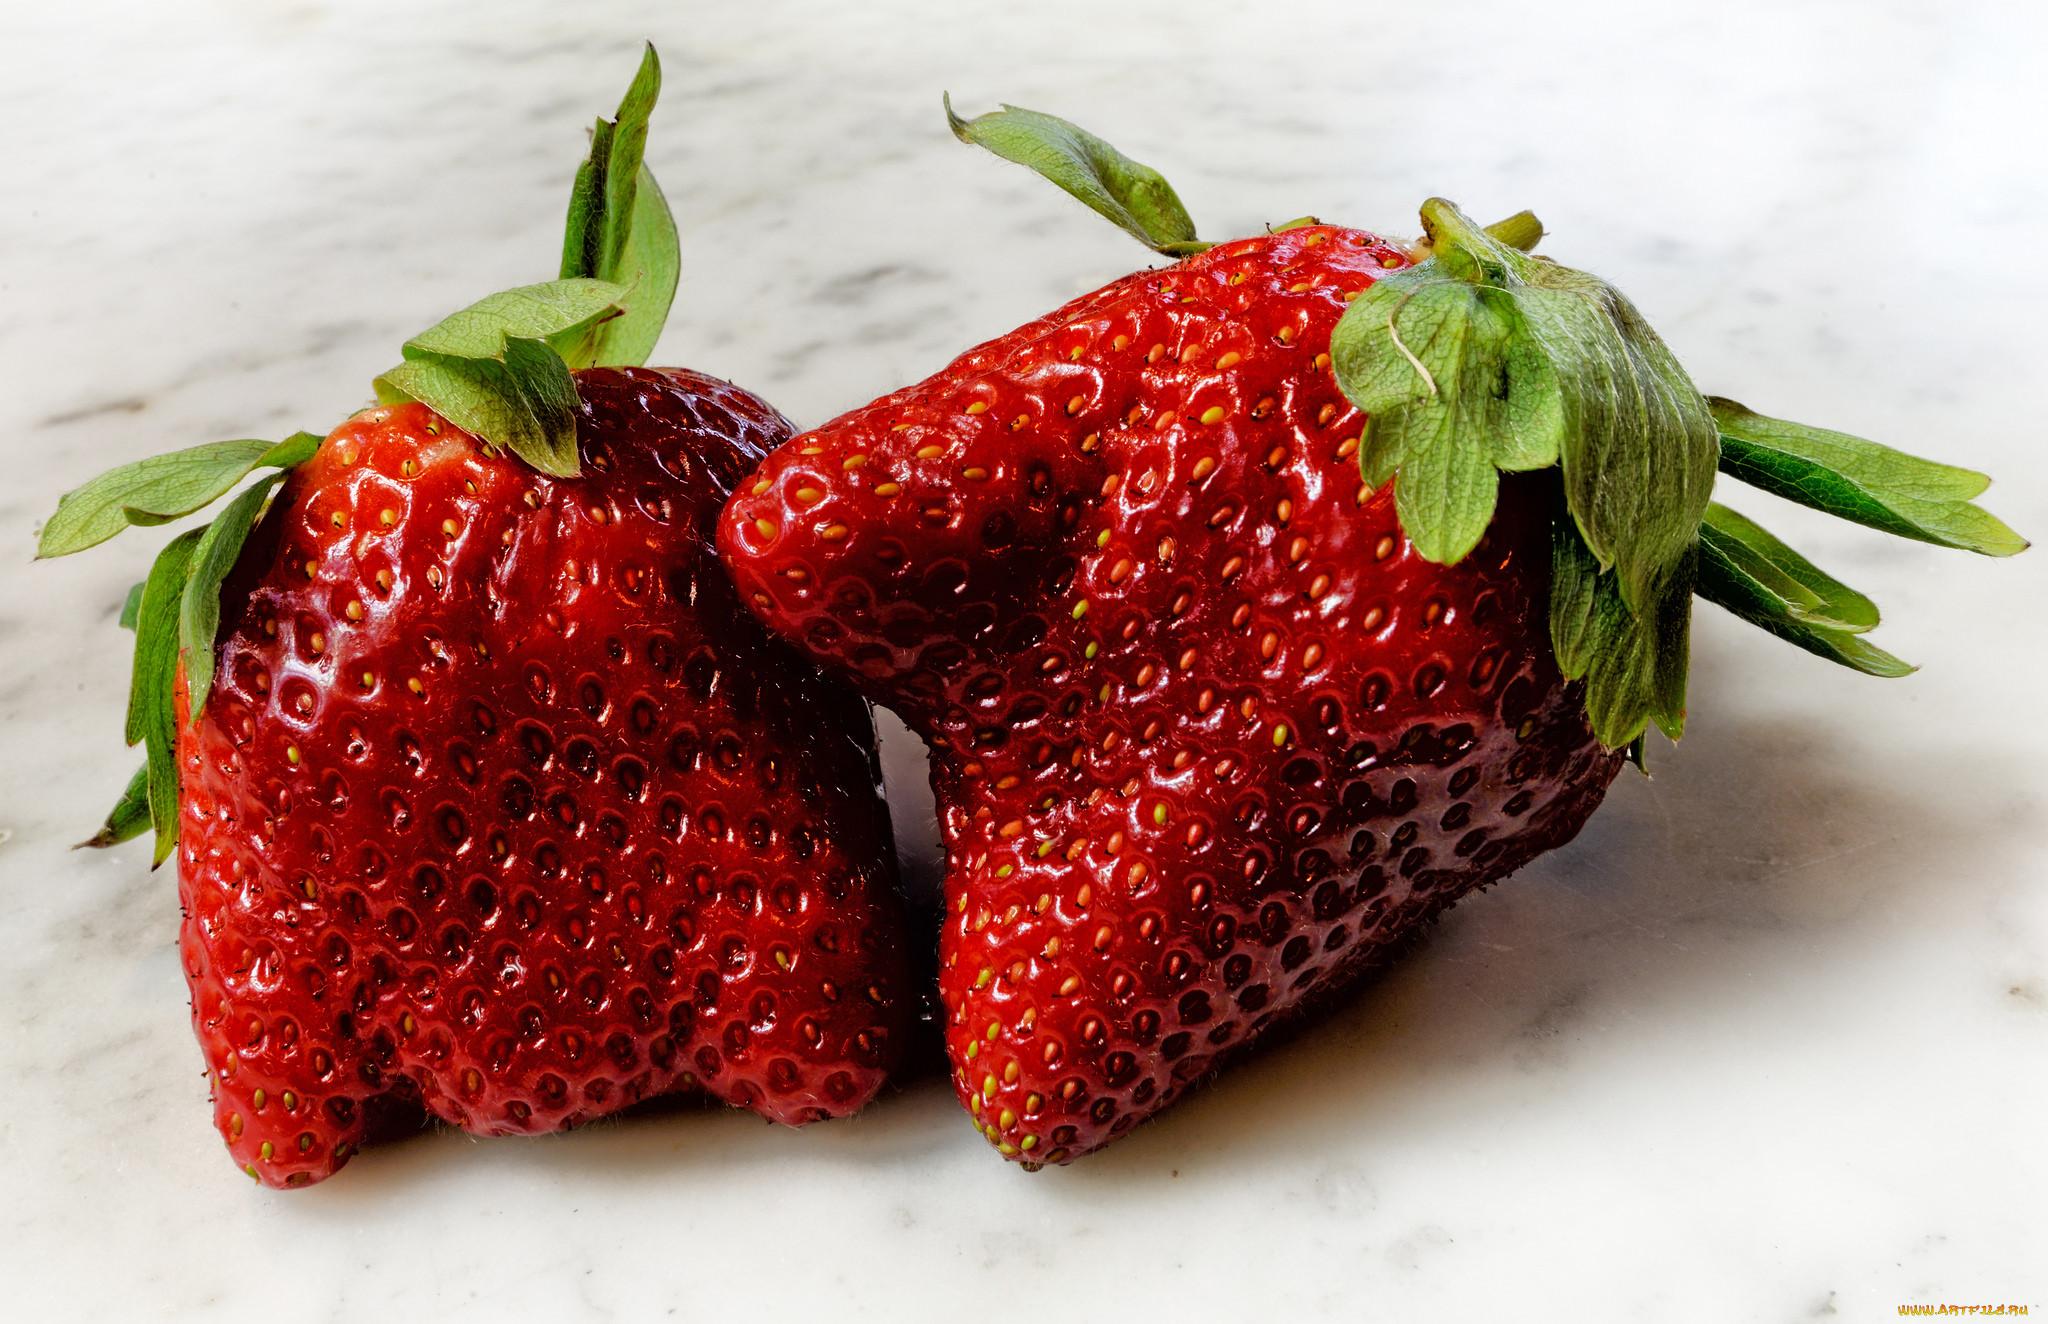 покупке фото ягодки клубники натяжные потолки